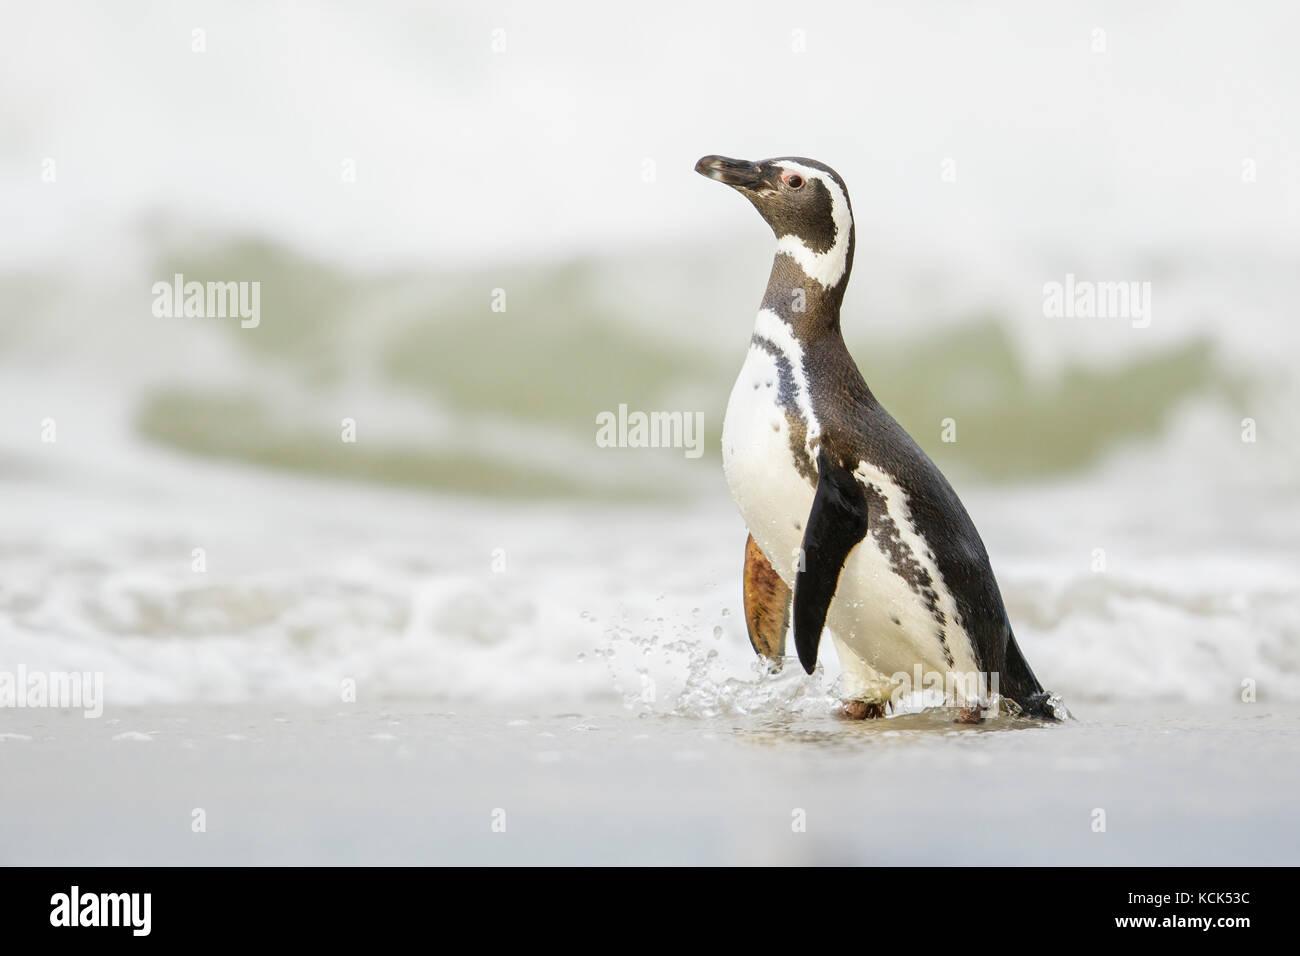 Pingüino de Magallanes (Spheniscus magellanicus) en una playa en las Islas Falkland. Imagen De Stock